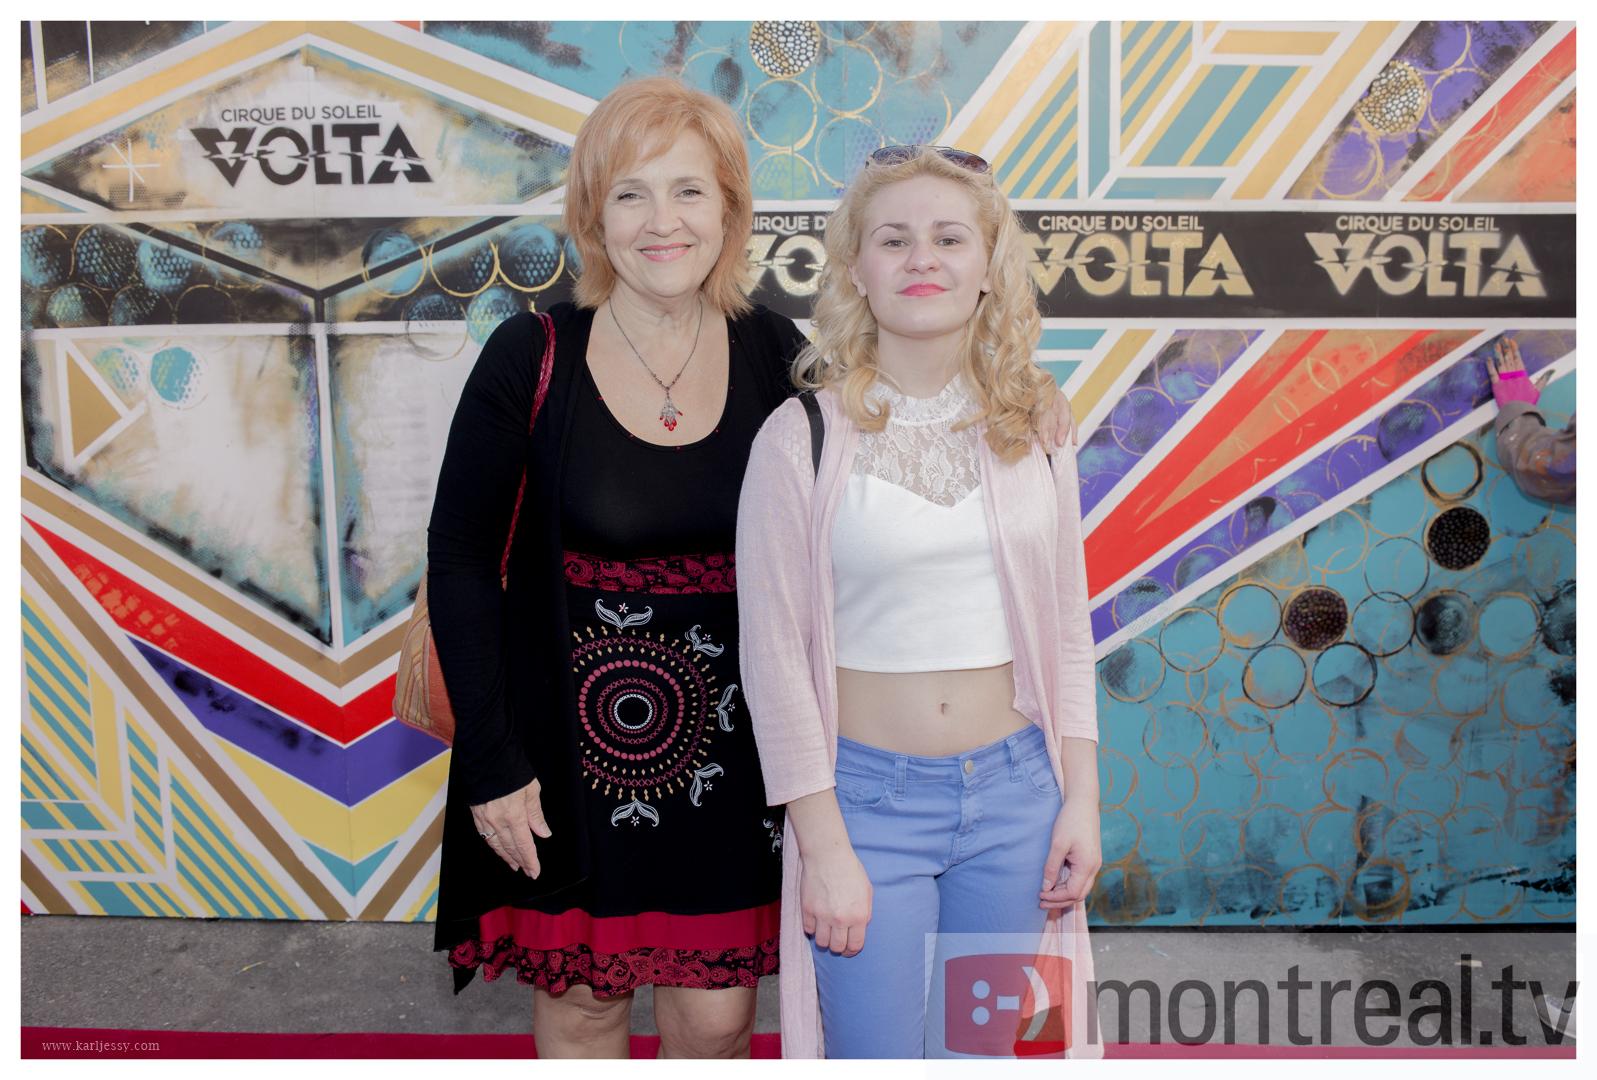 Marie Denise Peltier_RedCarpet_MontrealTV_VOLTA_RedCarpet_MontrealTV_